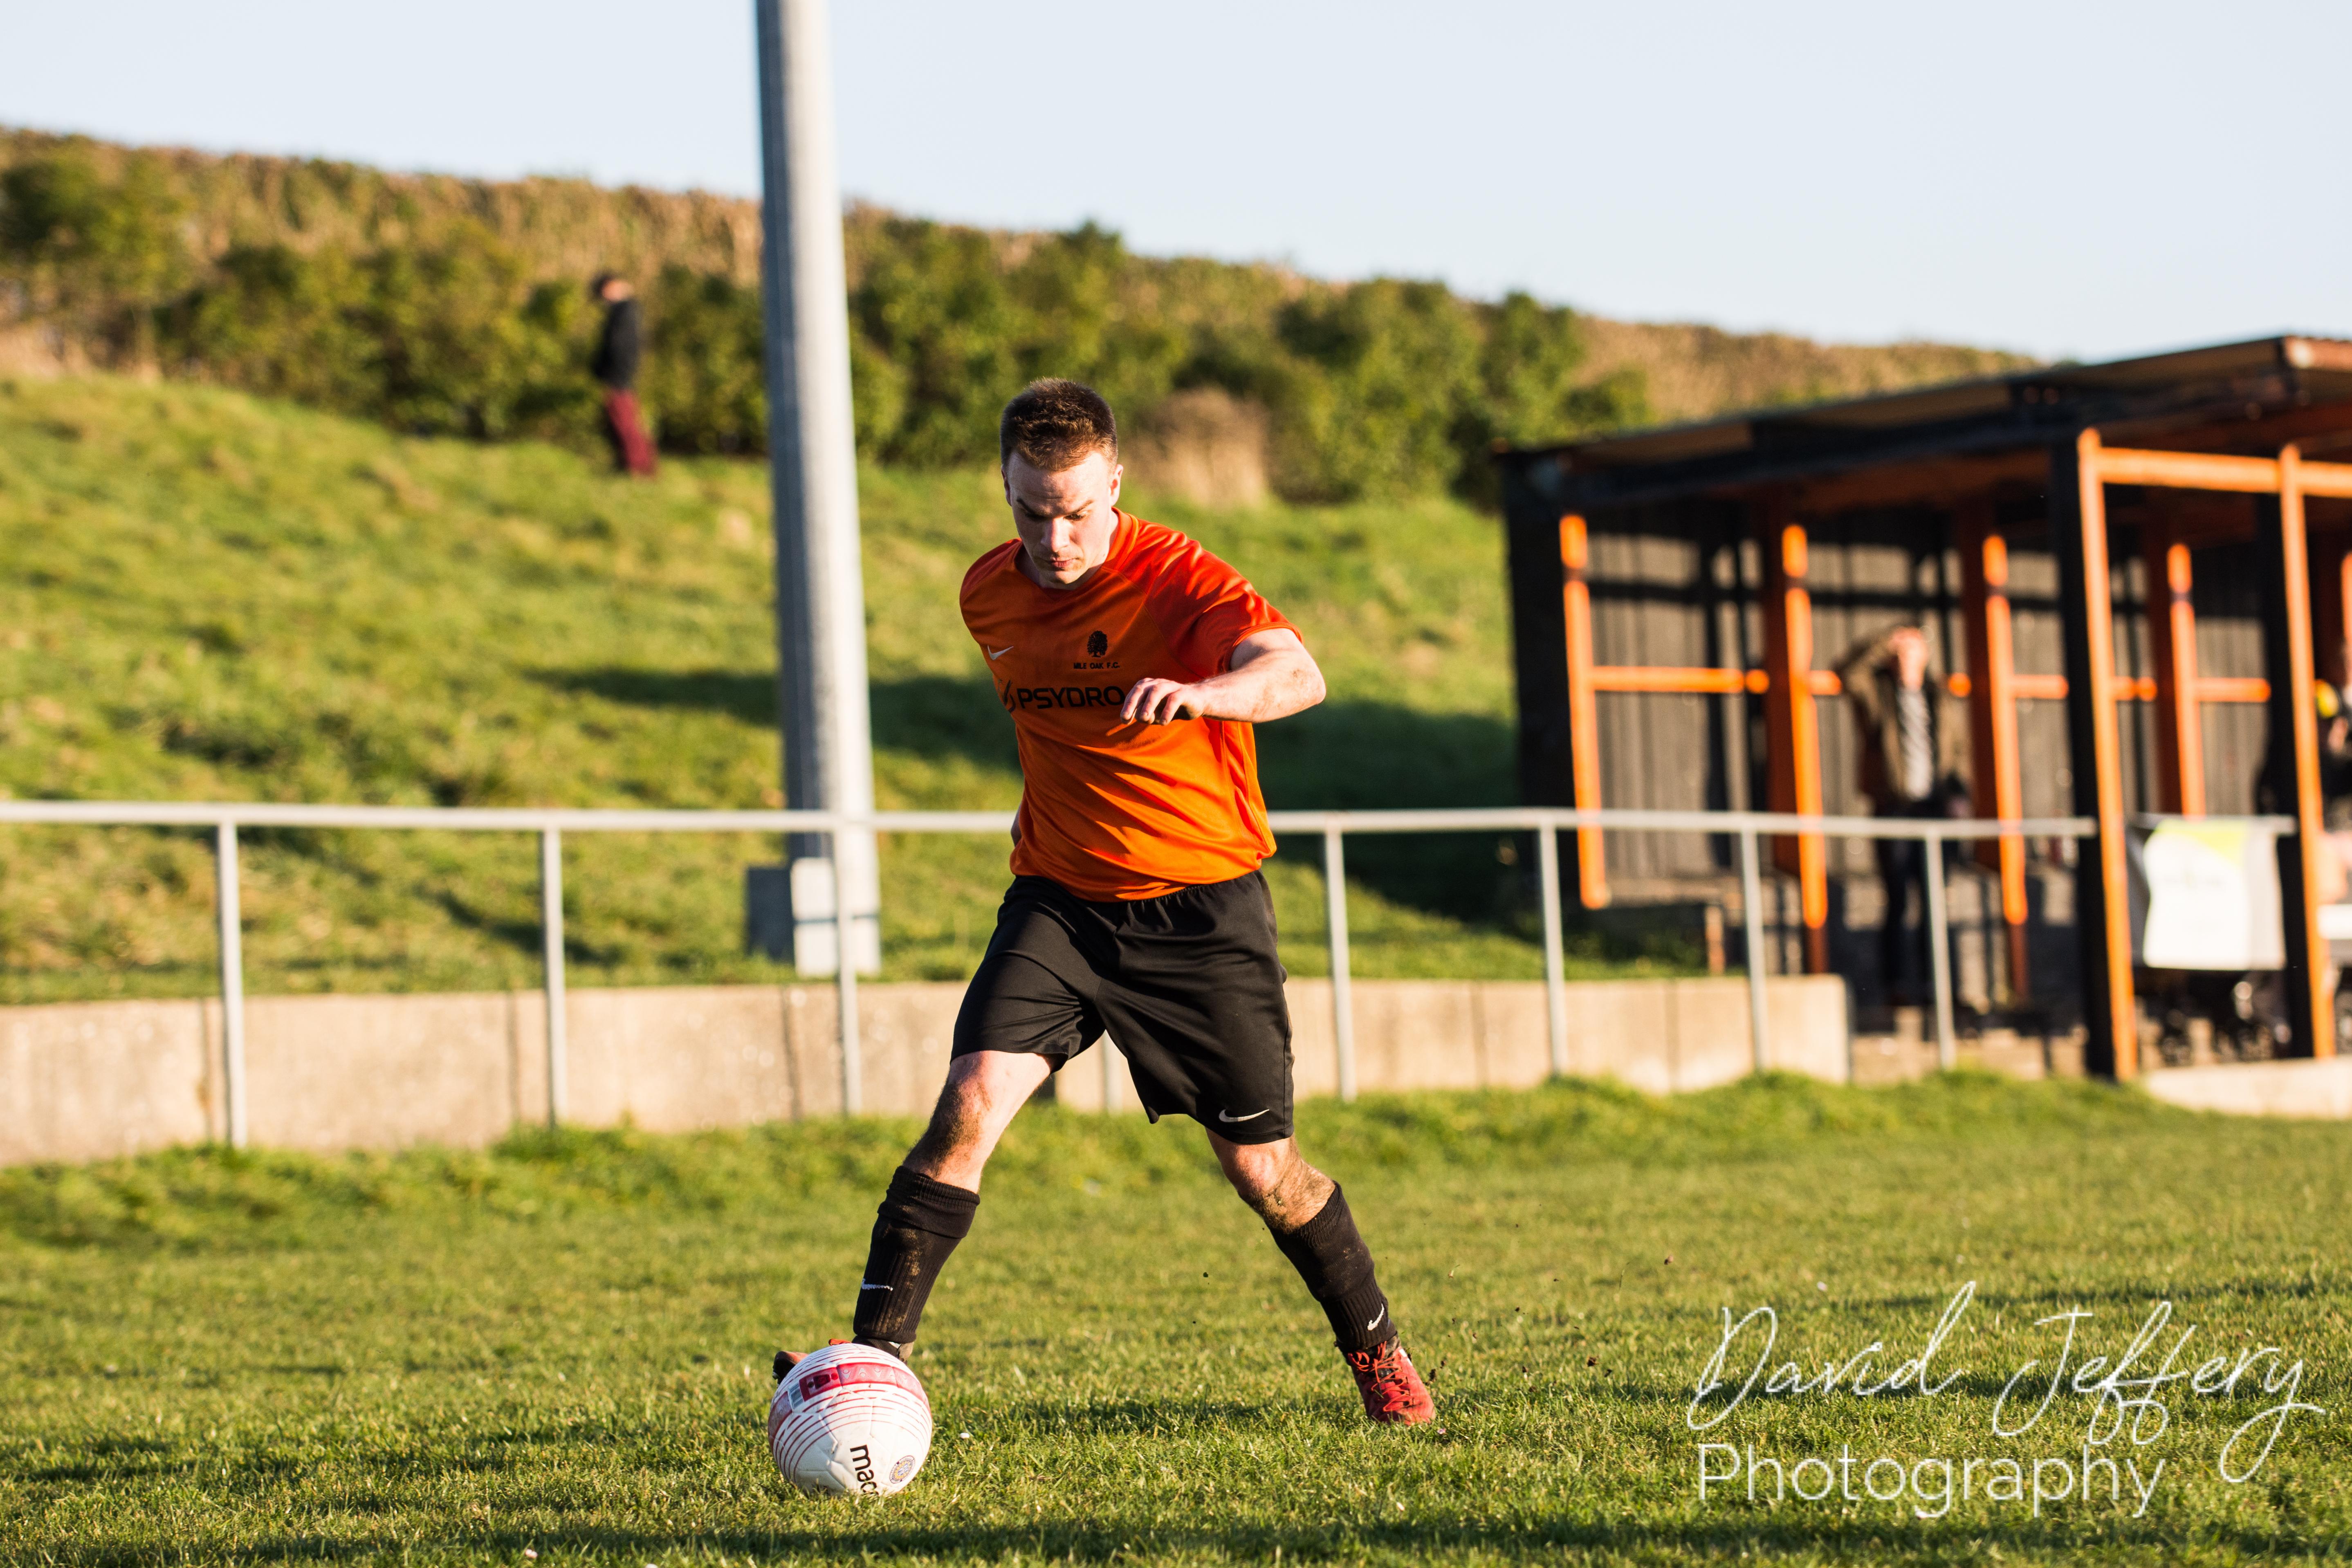 DAVID_JEFFERY MOFC vs Storrington 044